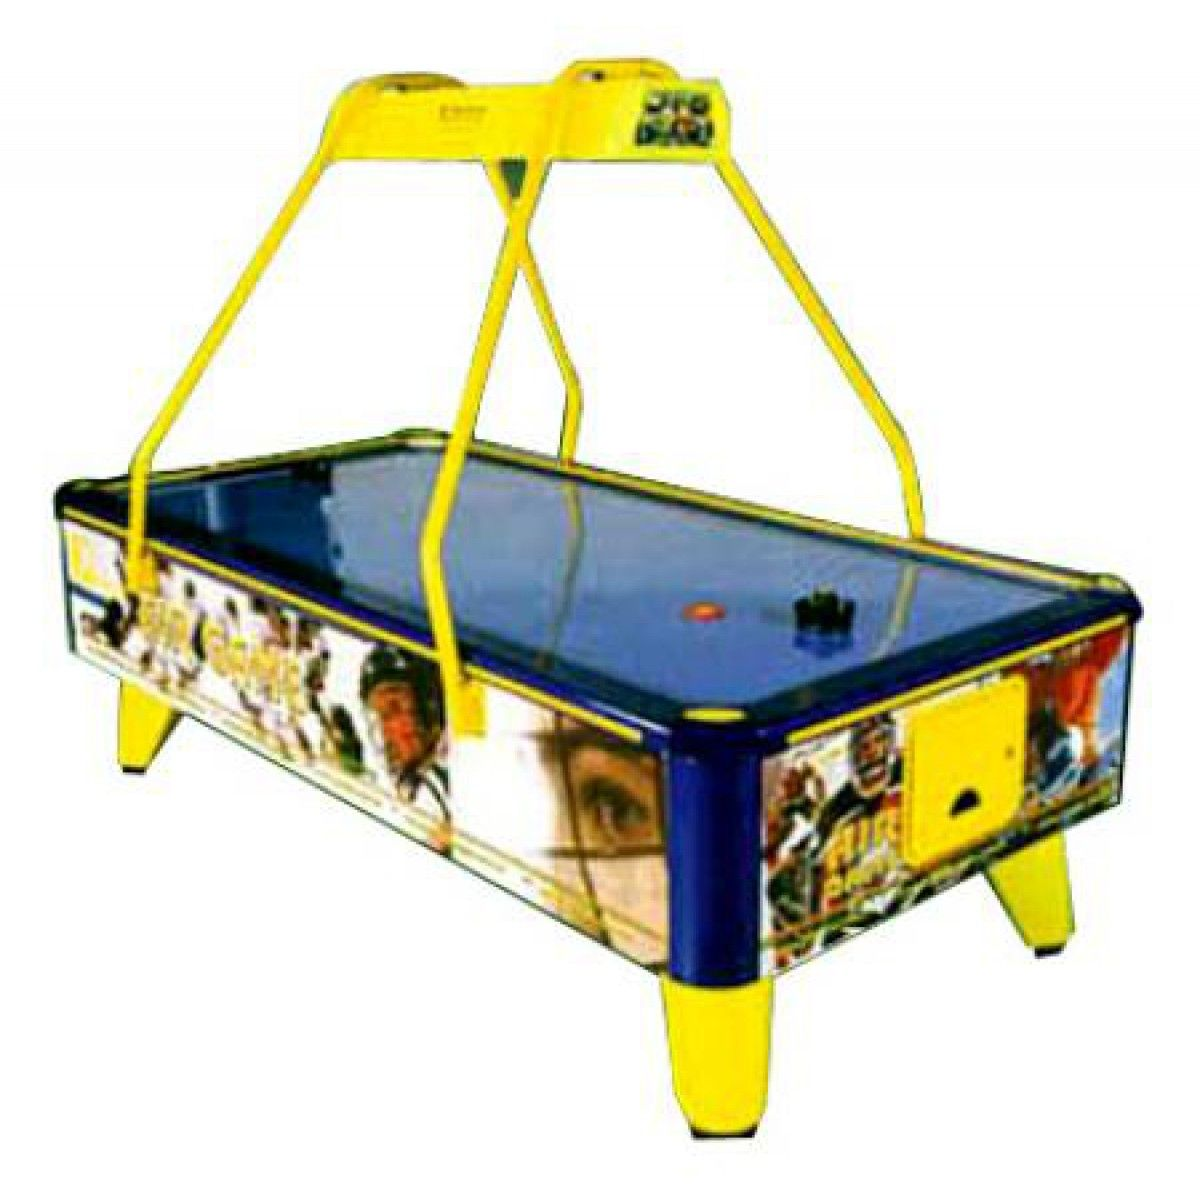 2b83d4e9f3 Aero Hockey   Air Game com Placar Eletrônico - Cód. AHP5075 - Esportes  Express